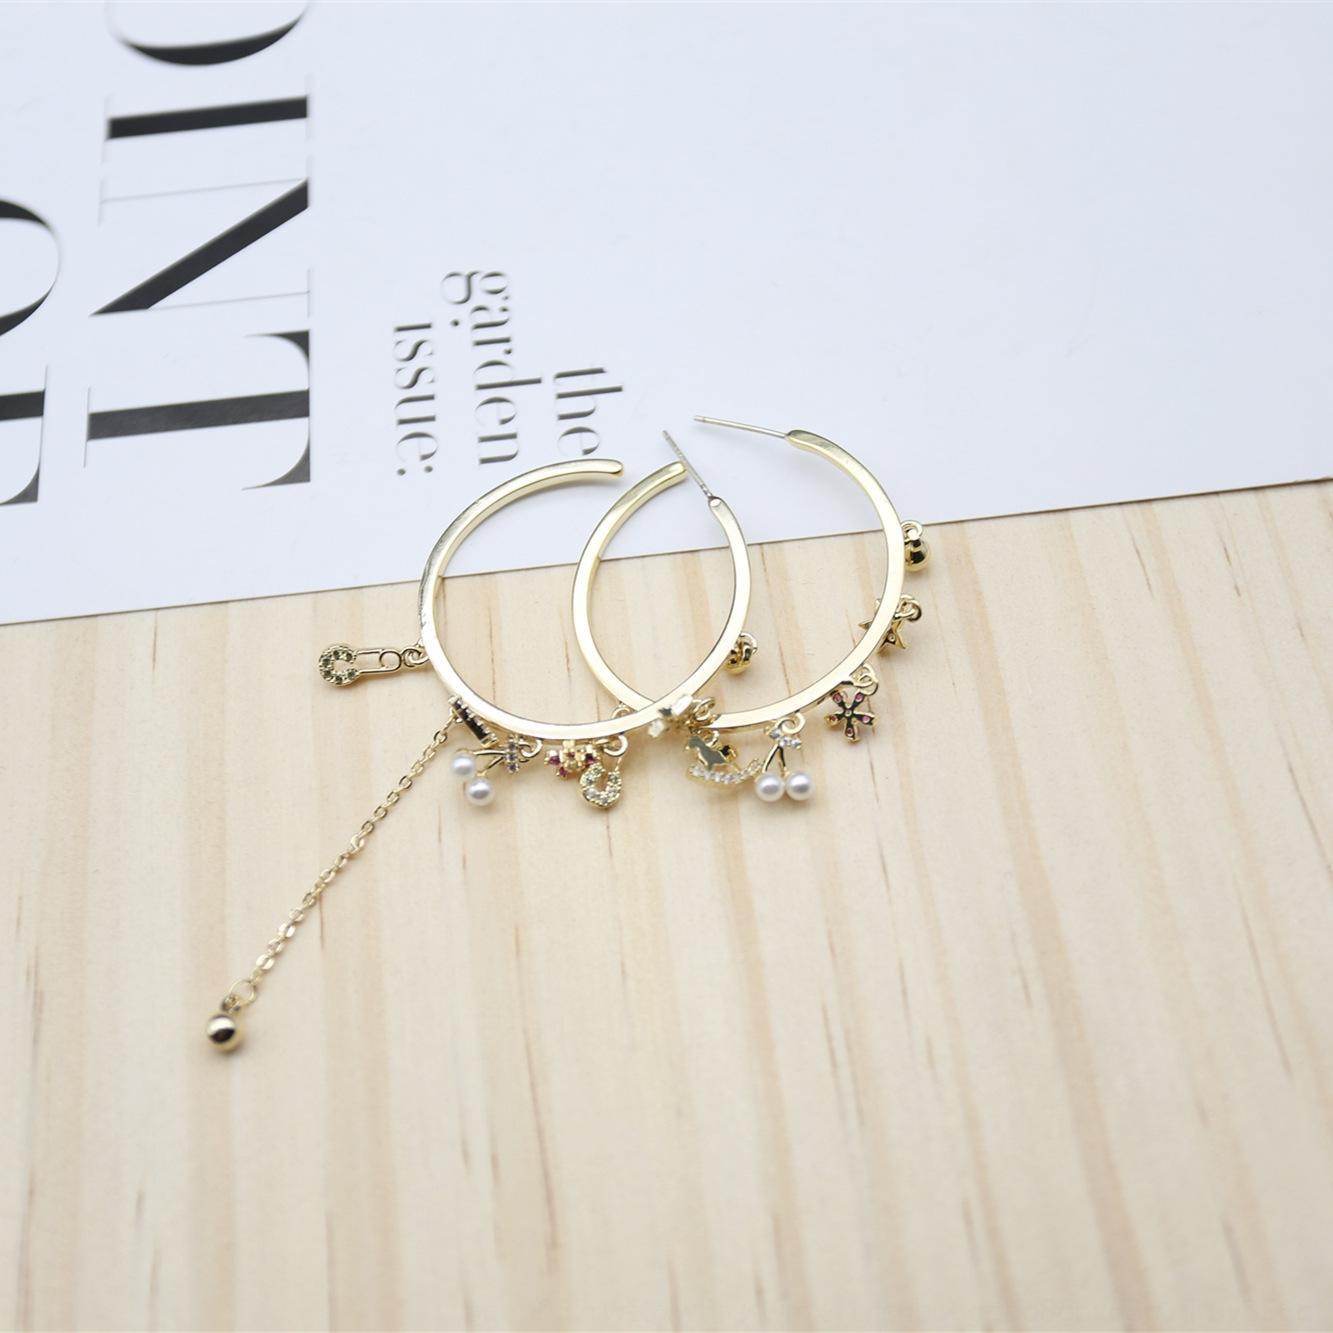 gioielli di perle tondo perla orecchini fiore stella orecchini piccoli animali micro-intarsi personalità della moda zircone femminile S925 je argento